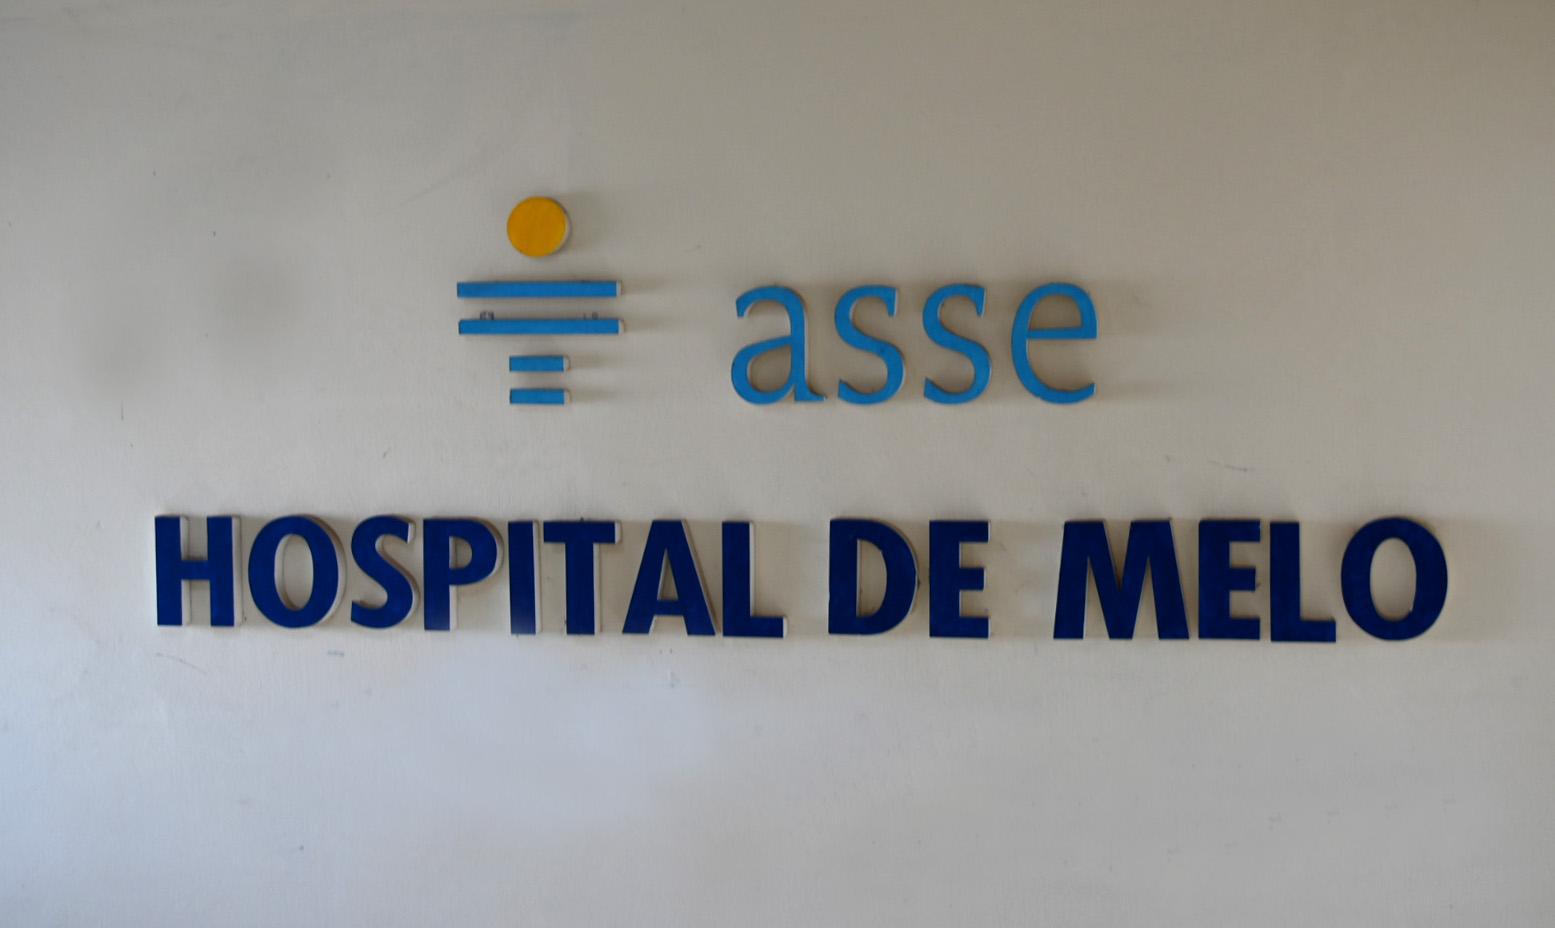 Hospital de Melo